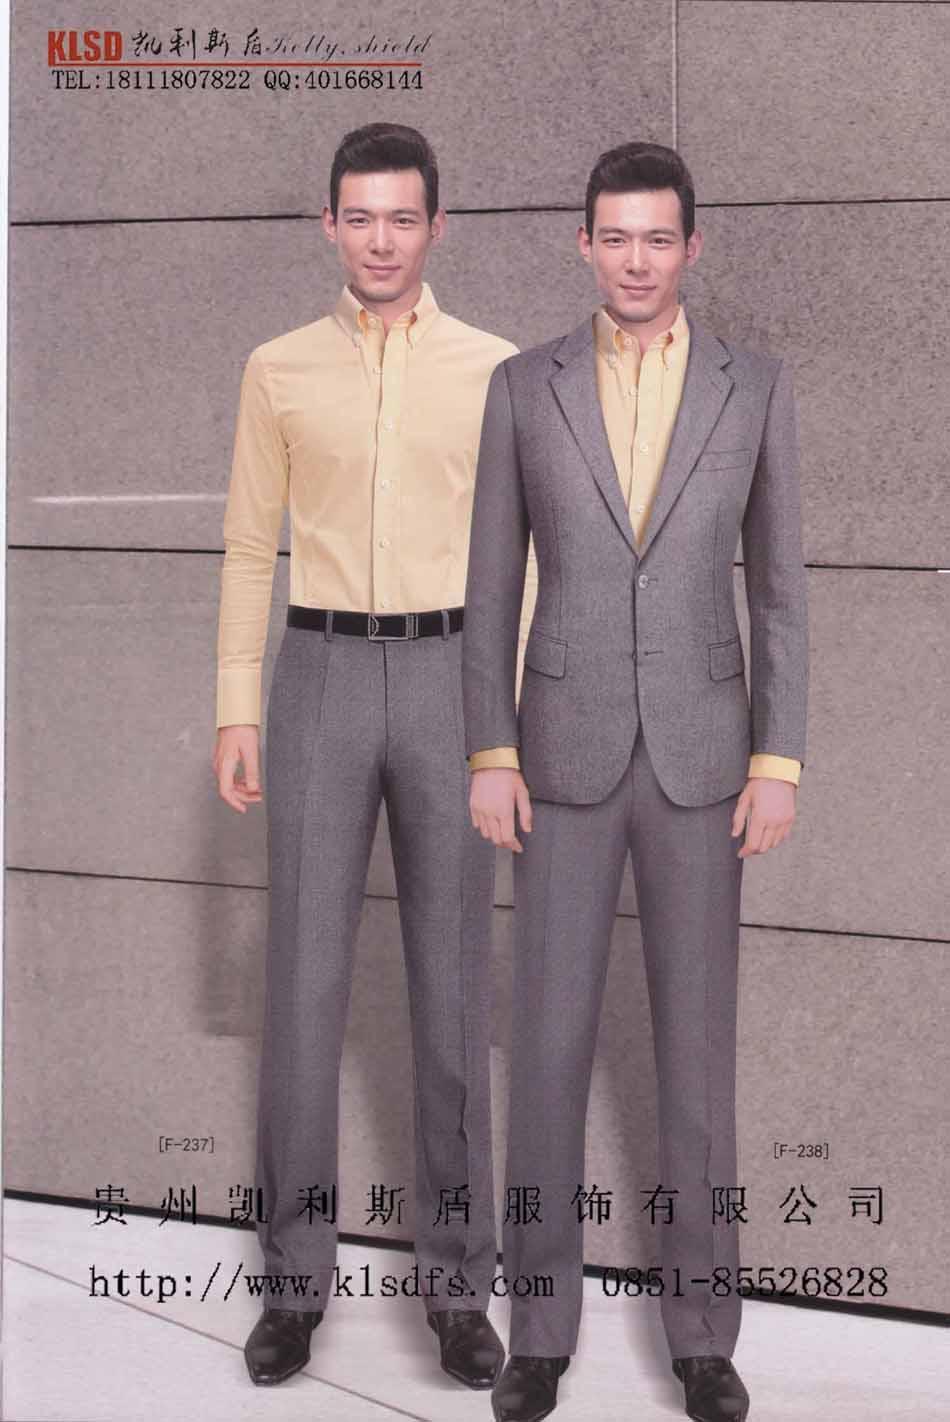 贵阳市价格优惠的高级男装批发|宁夏高级男装